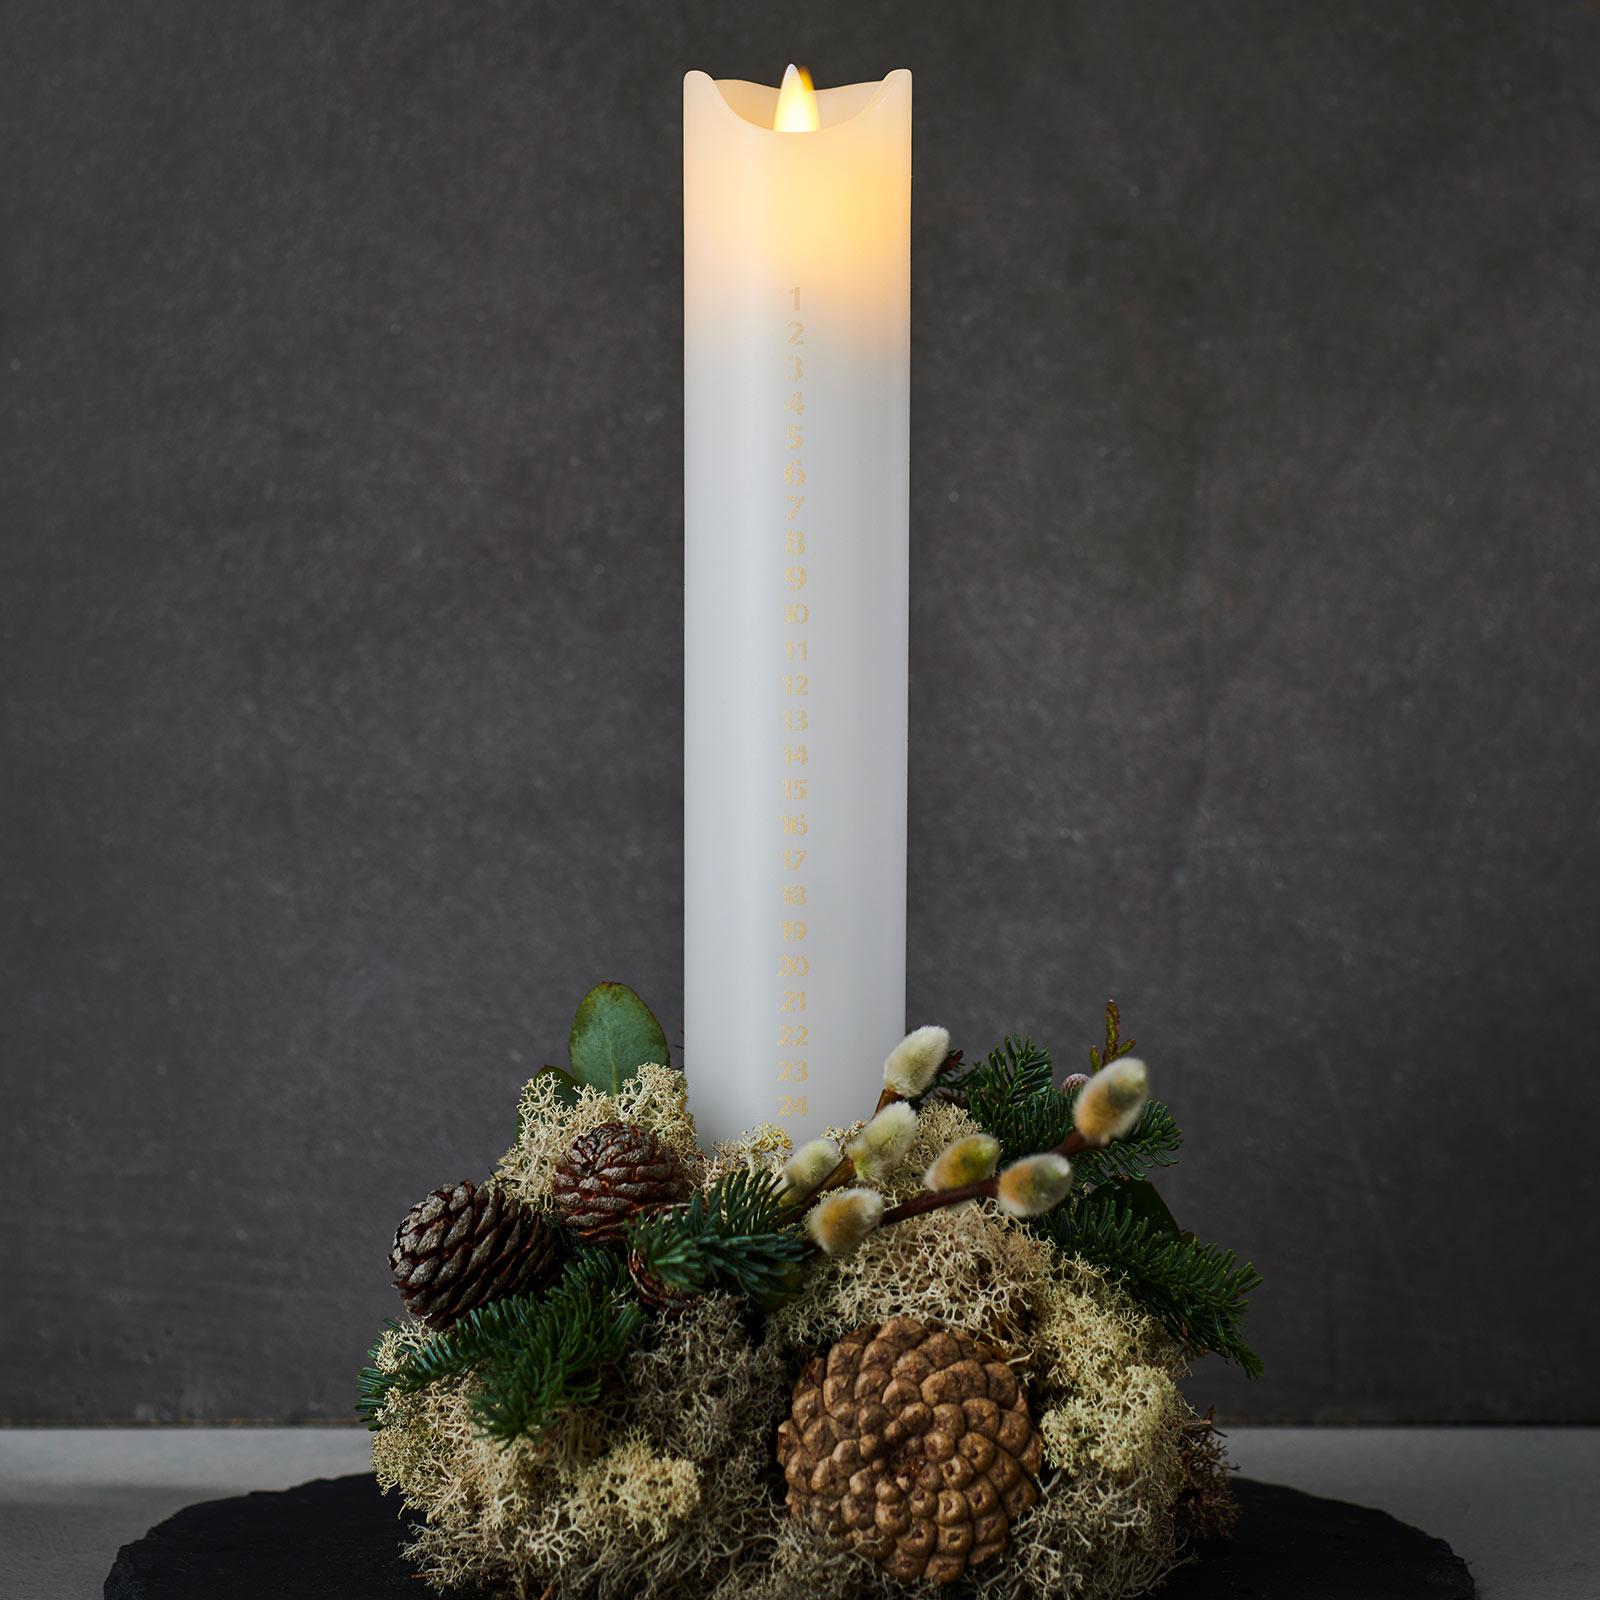 Świeca LED Sara Calendar, biała/złota, 29 cm